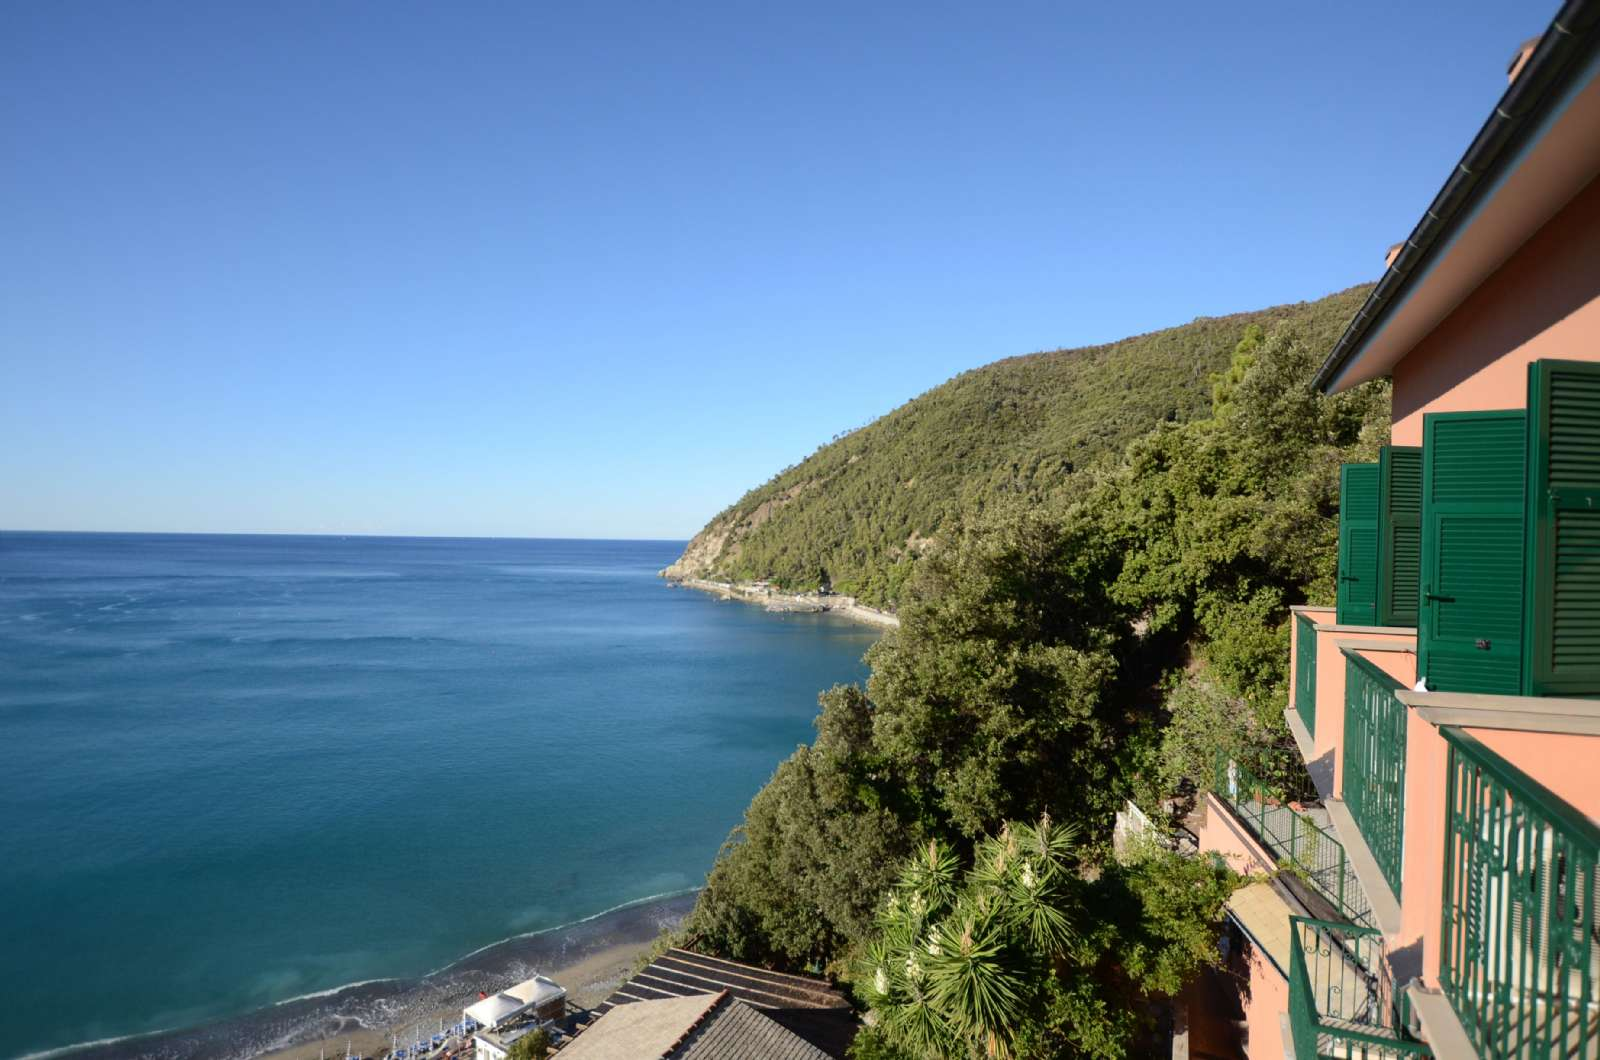 Utsikten från Hotel Leopold i Ligurien